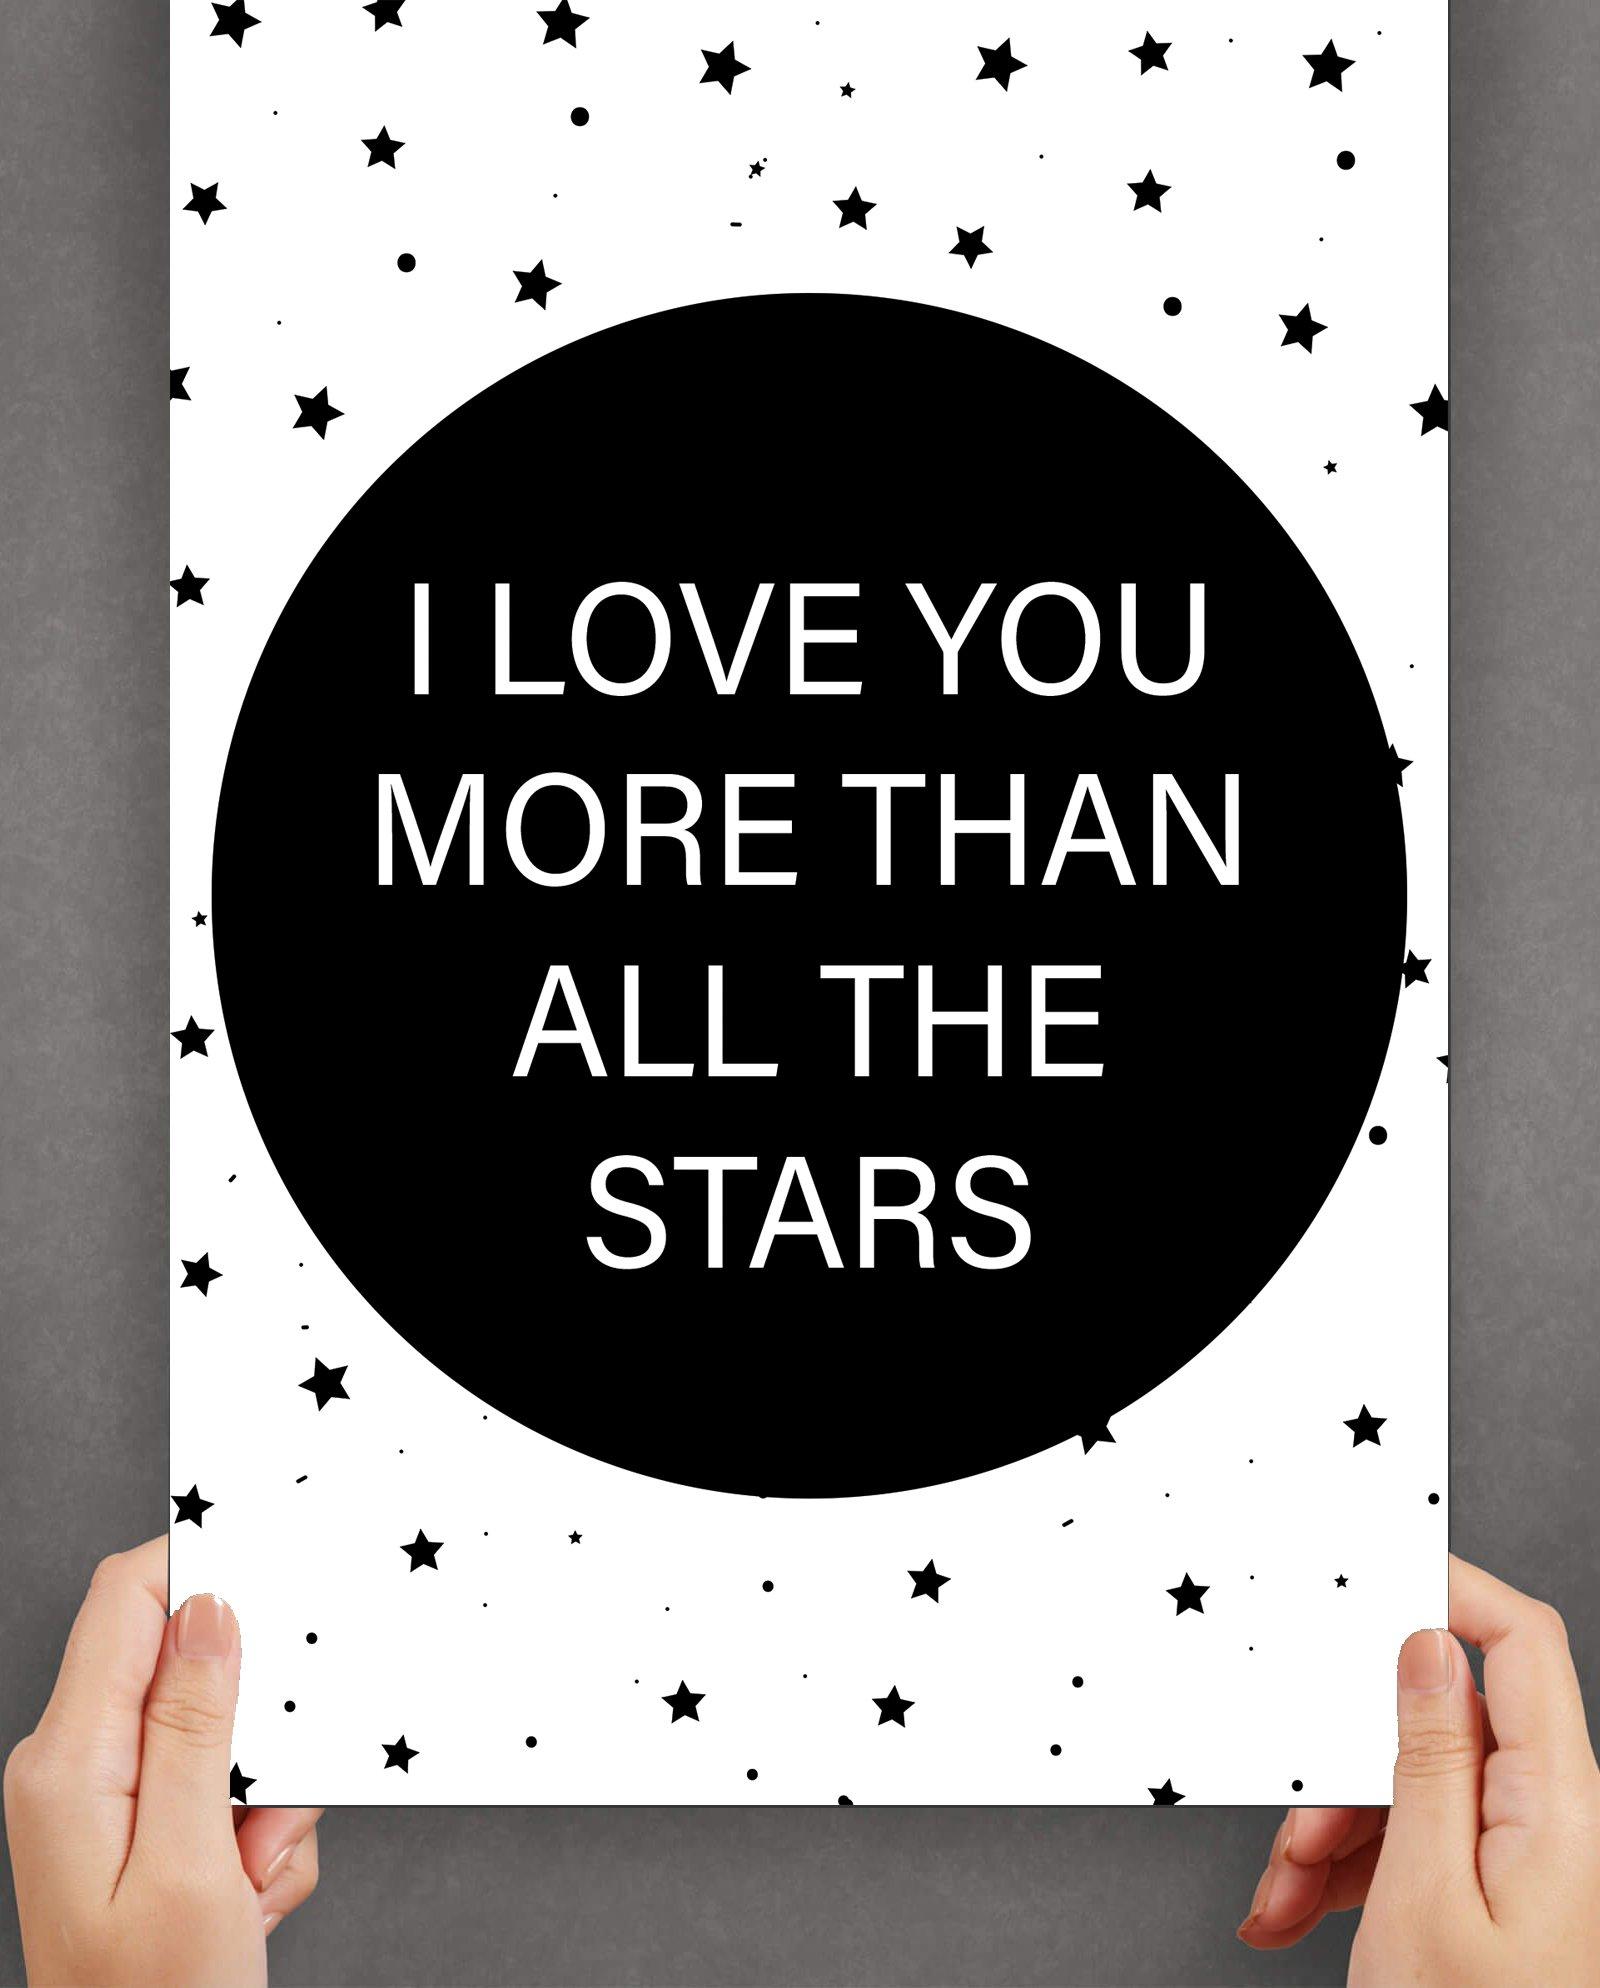 stjerner-kaerlighed-plakat-3